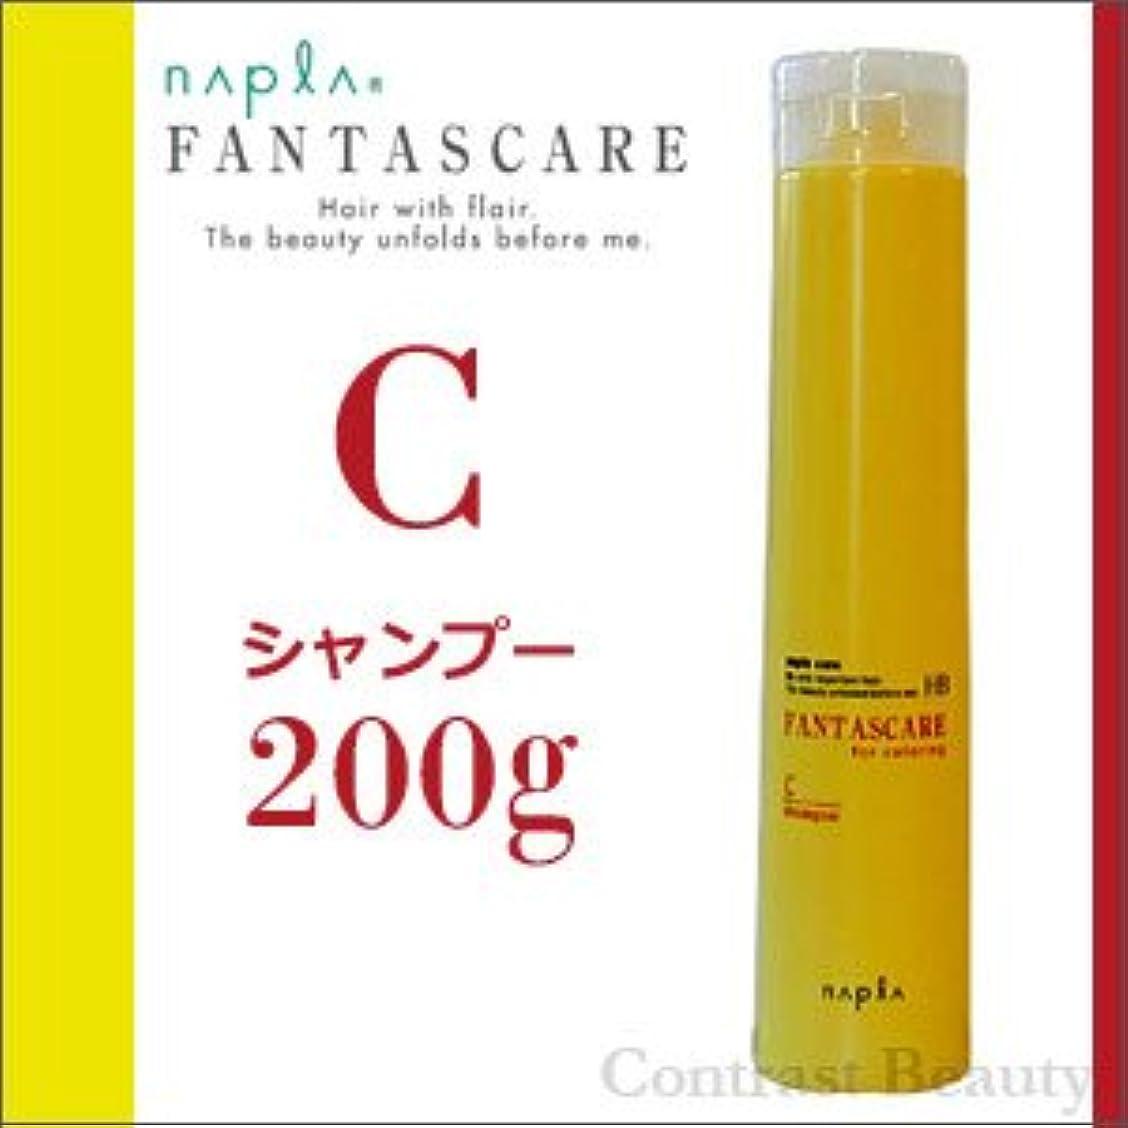 ブラシ毎月称賛【X5個セット】 ナプラ ファンタスケア Cシャンプー 200g napla